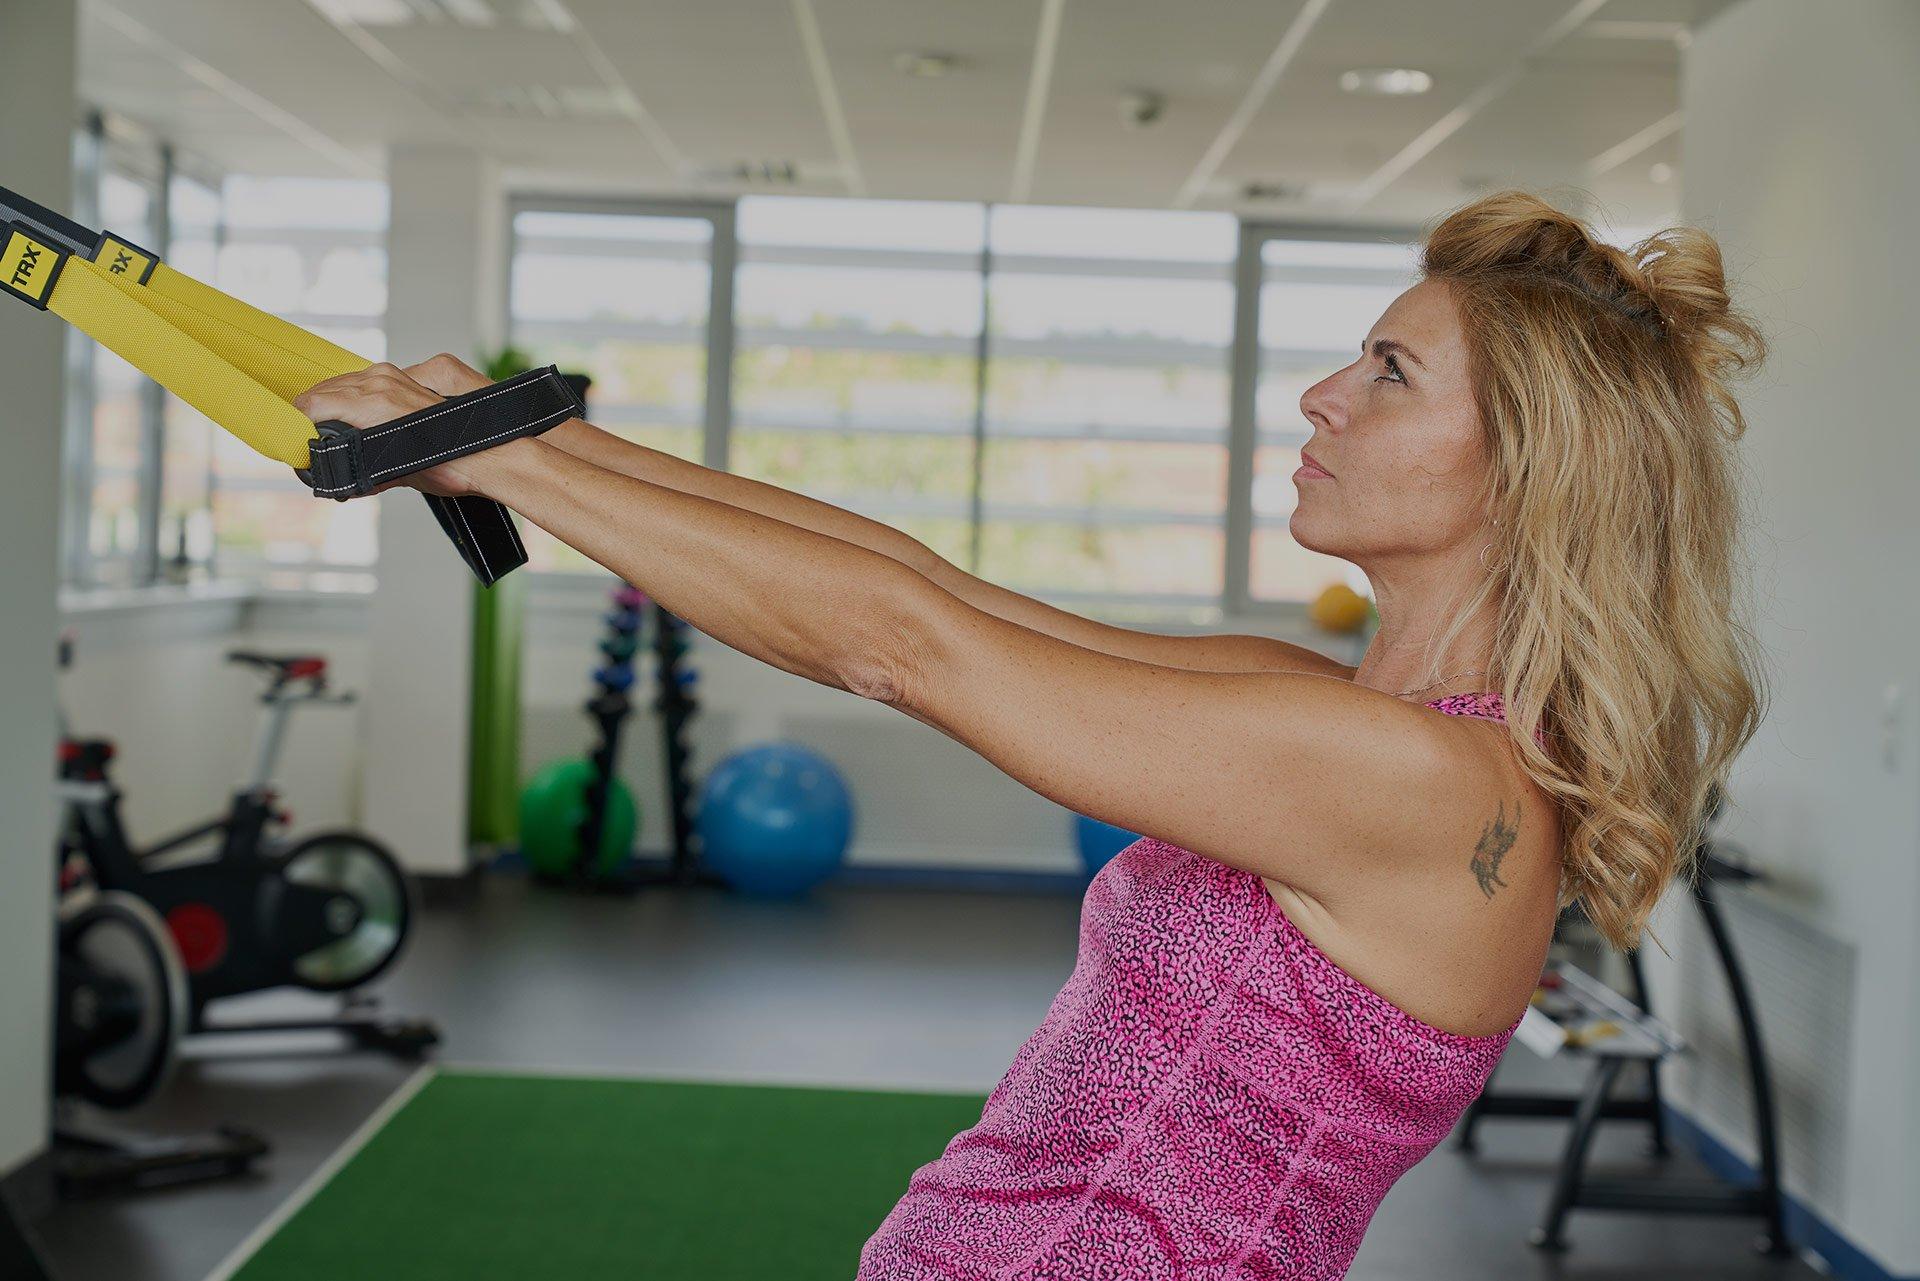 Gezielter Muskelaufbau, der mit klassischem Training nicht möglich ist